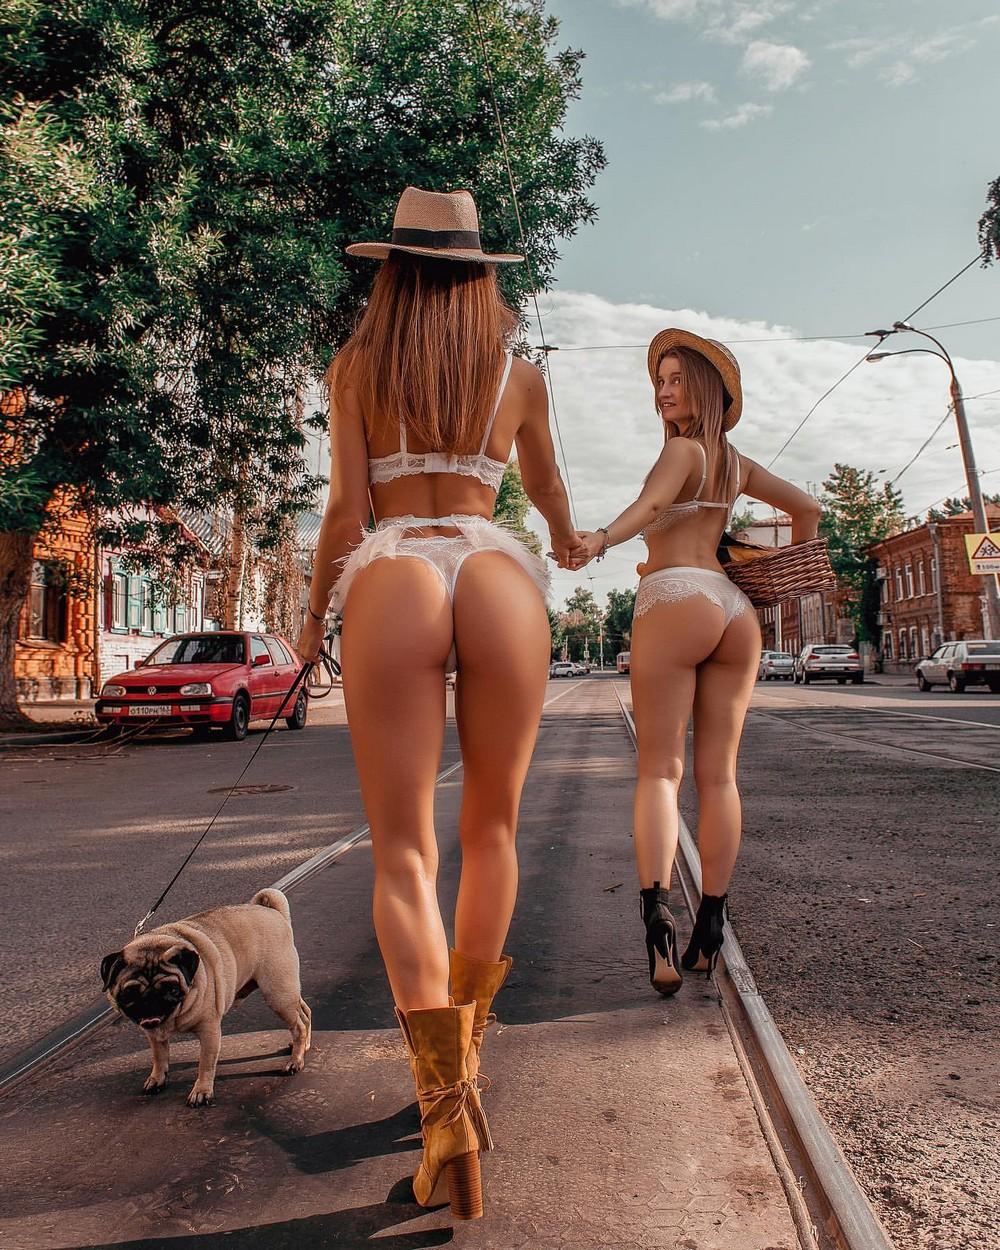 Пошлые Девушки (40 фото) 18+